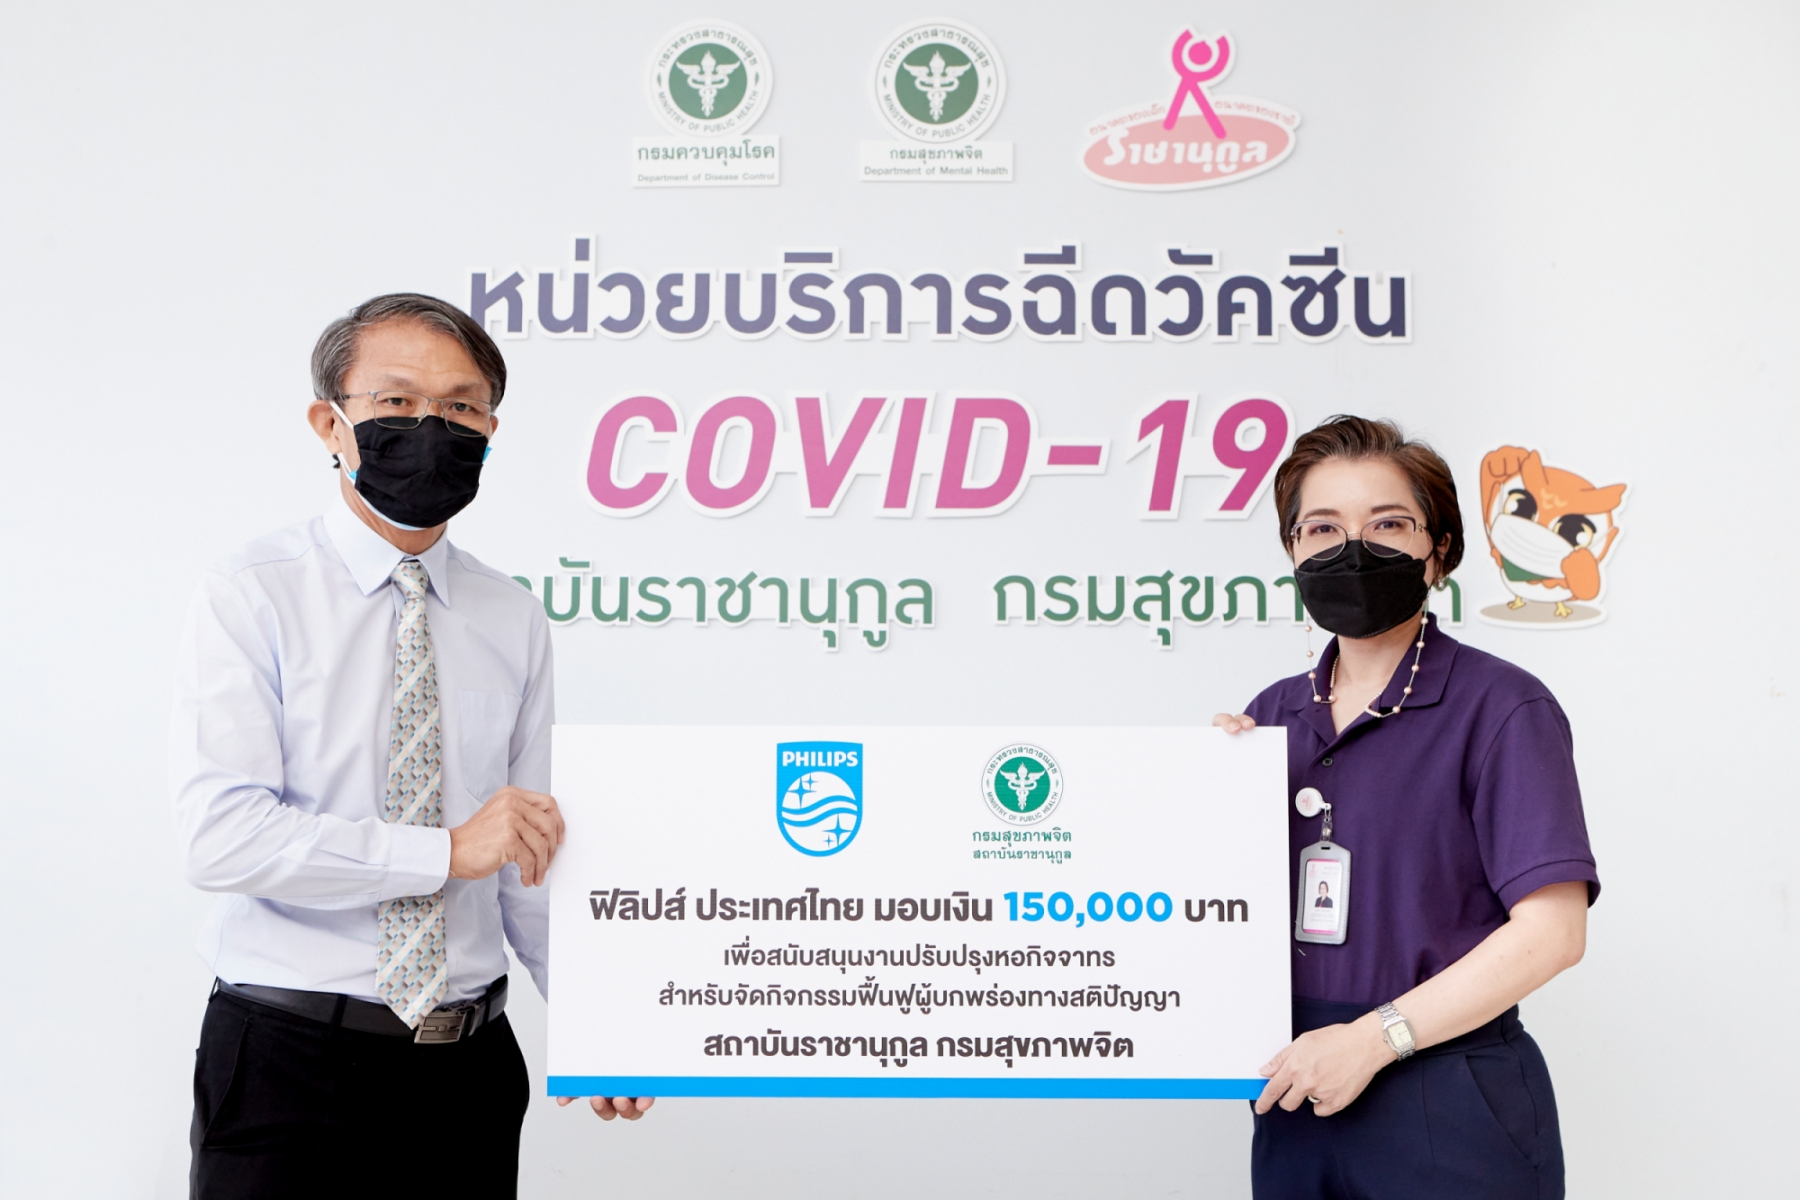 ฟิลิปส์ ประเทศไทย สานต่อปณิธานยกระดับคุณภาพชีวิตของผู้คน ร่วมกับสถาบันราชานุกูลช่วยเหลือผู้บกพร่องทางสติปัญญา